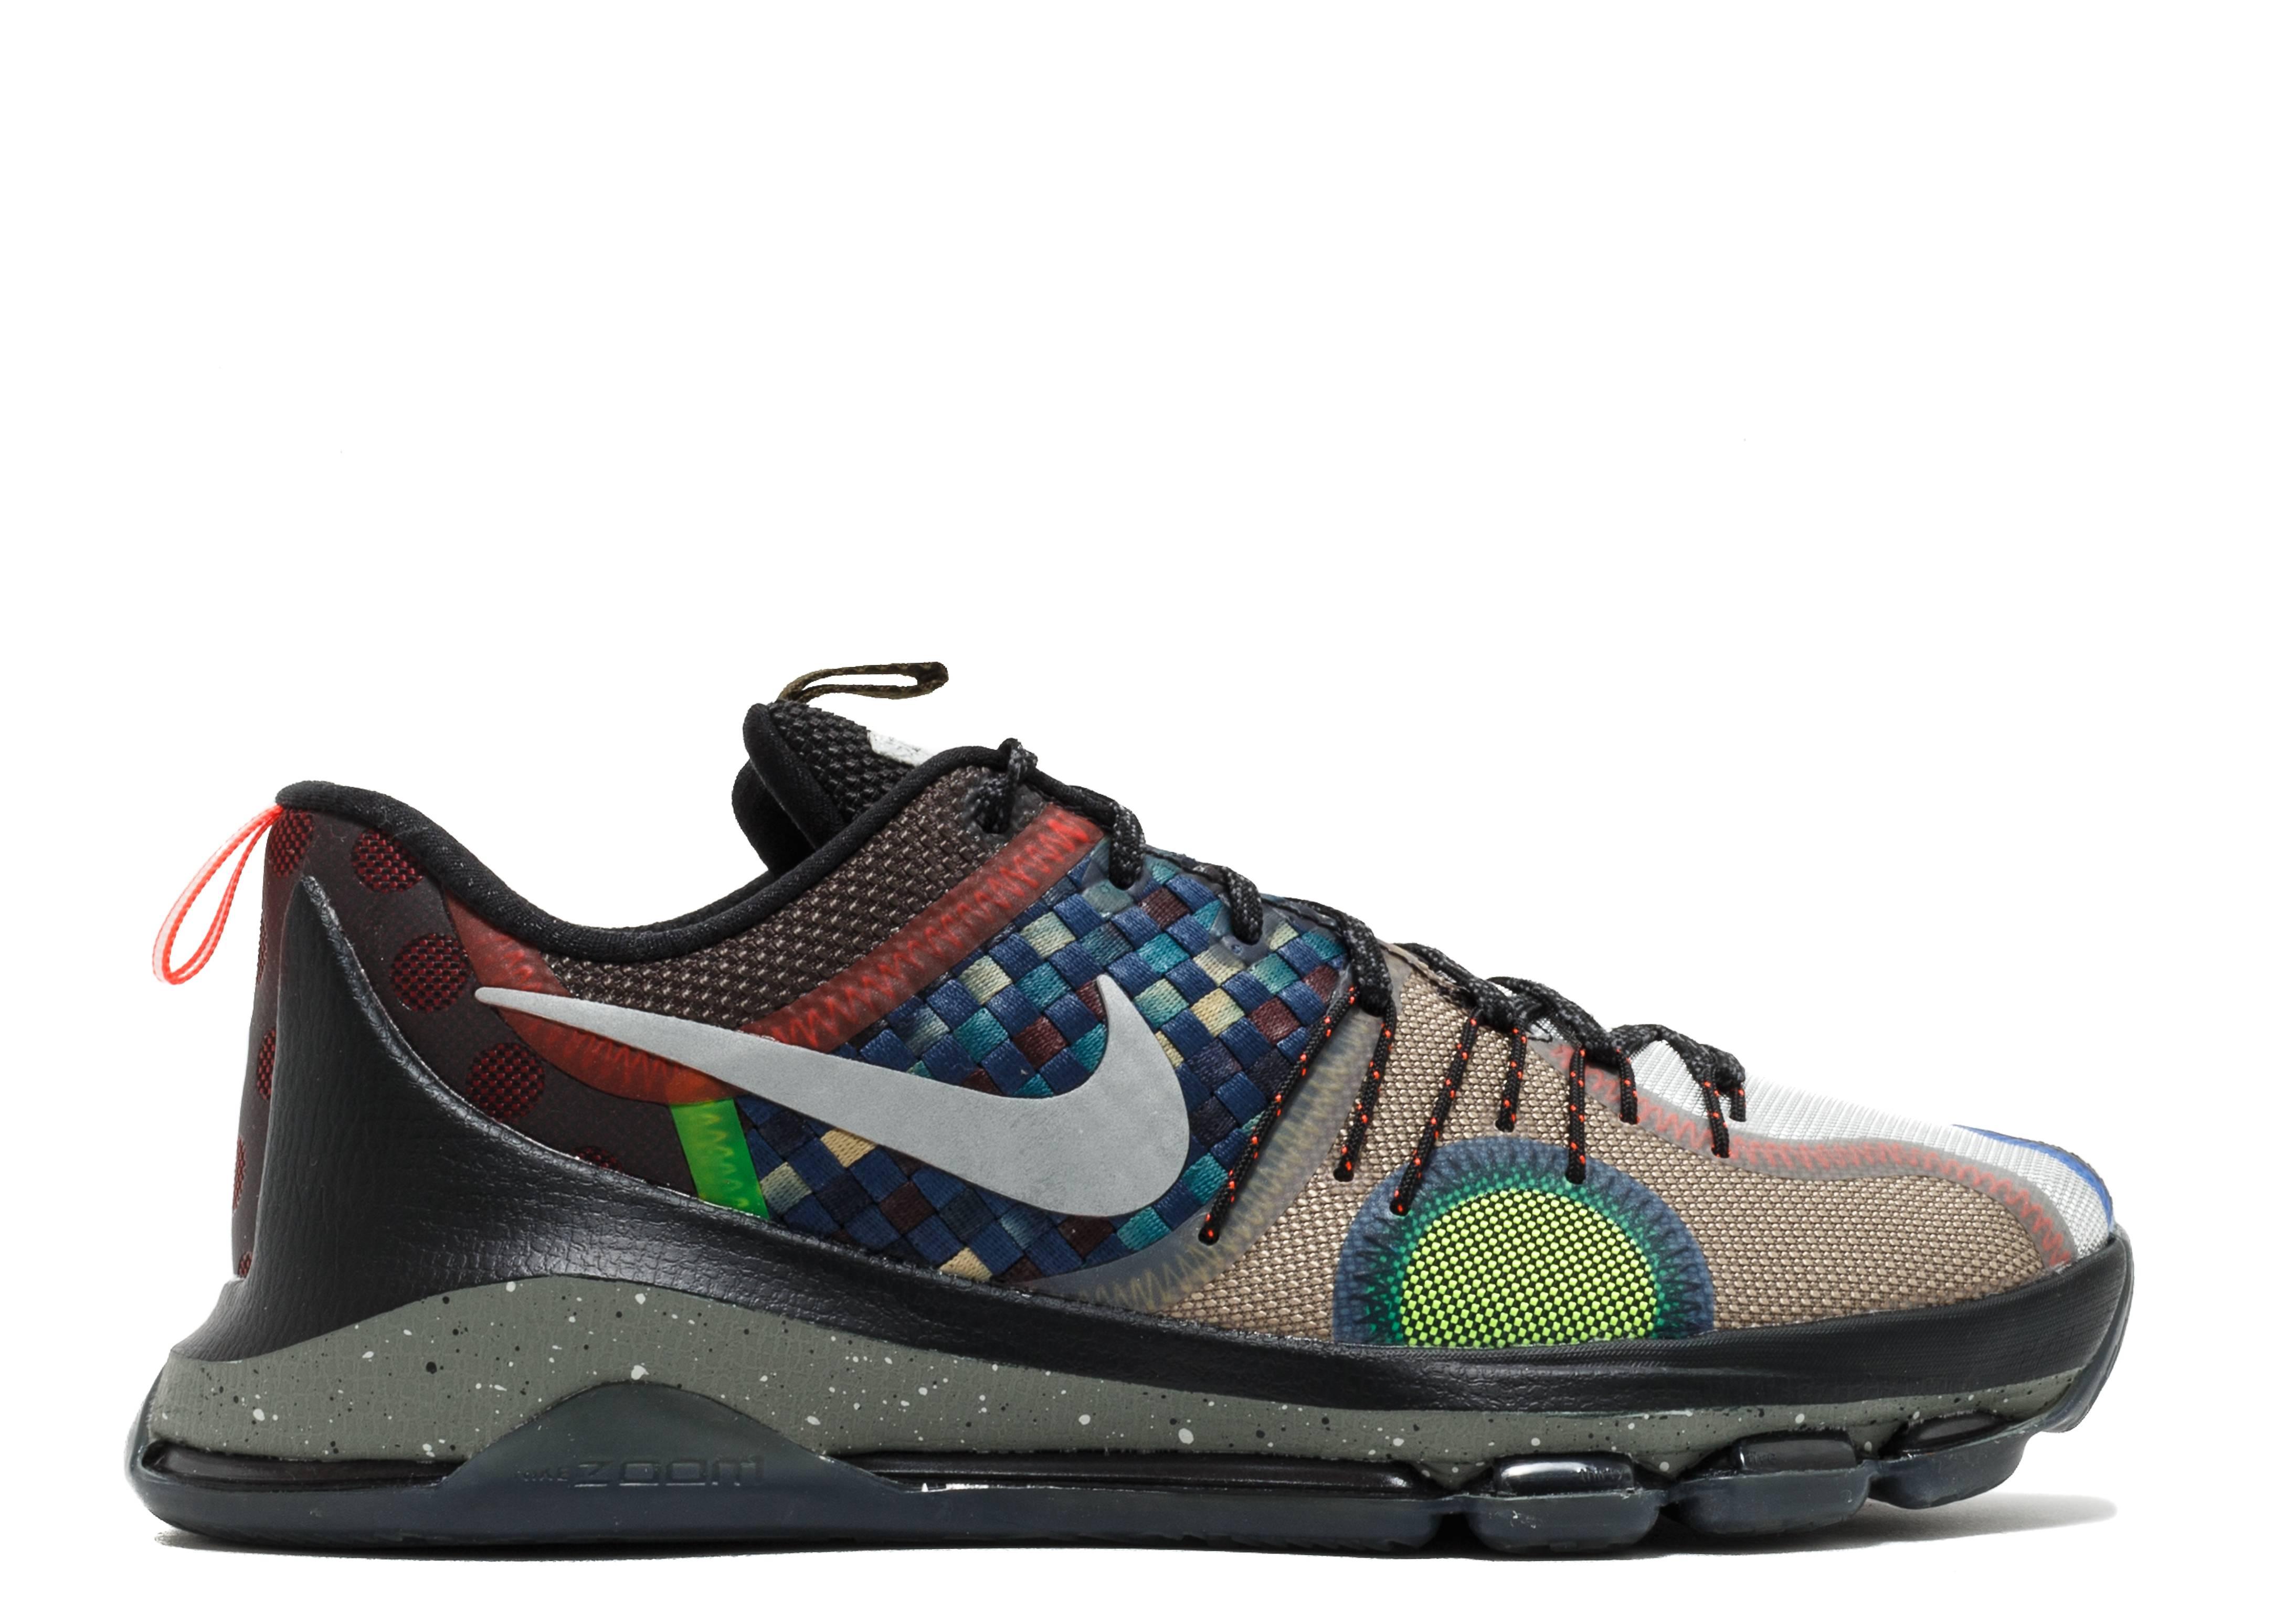 lowest price a7123 a98c4 Kd 8 Se - Nike - 845896 999 - multi-color multi-color   Flight Club